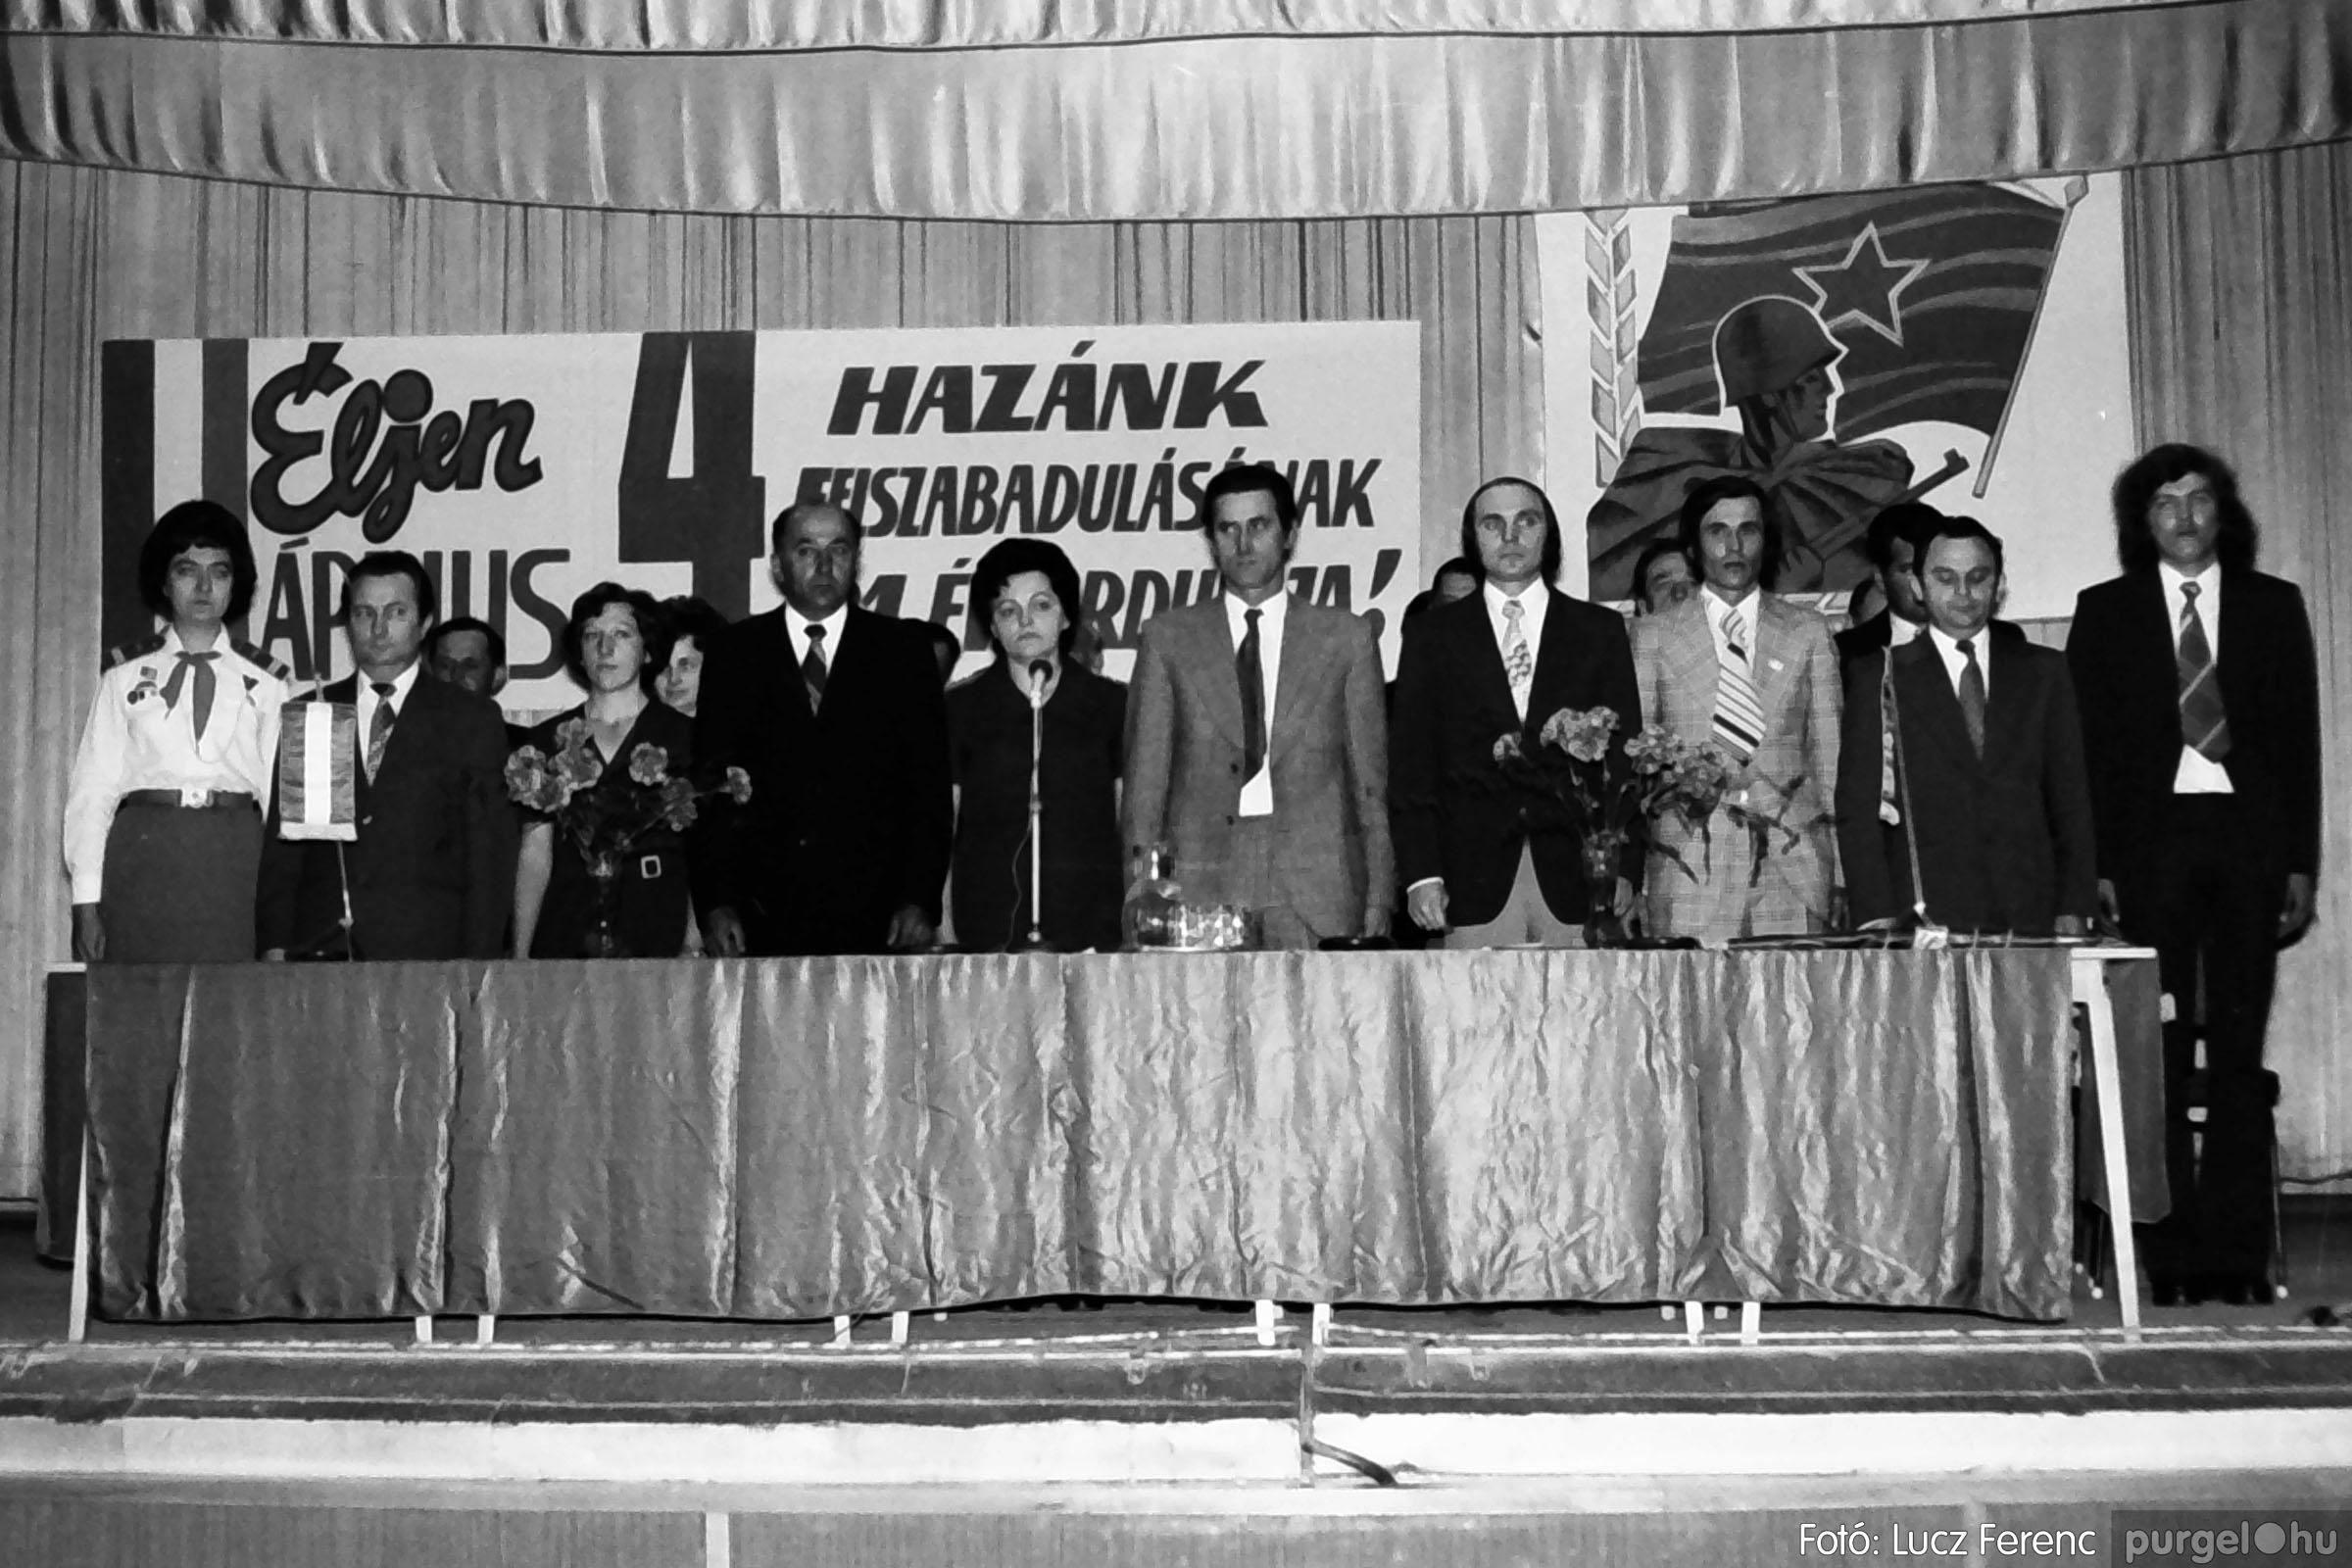 039. 1976.04.04. Április 4-i ünnepség a kultúrházban 002. - Fotó: Lucz Ferenc.jpg